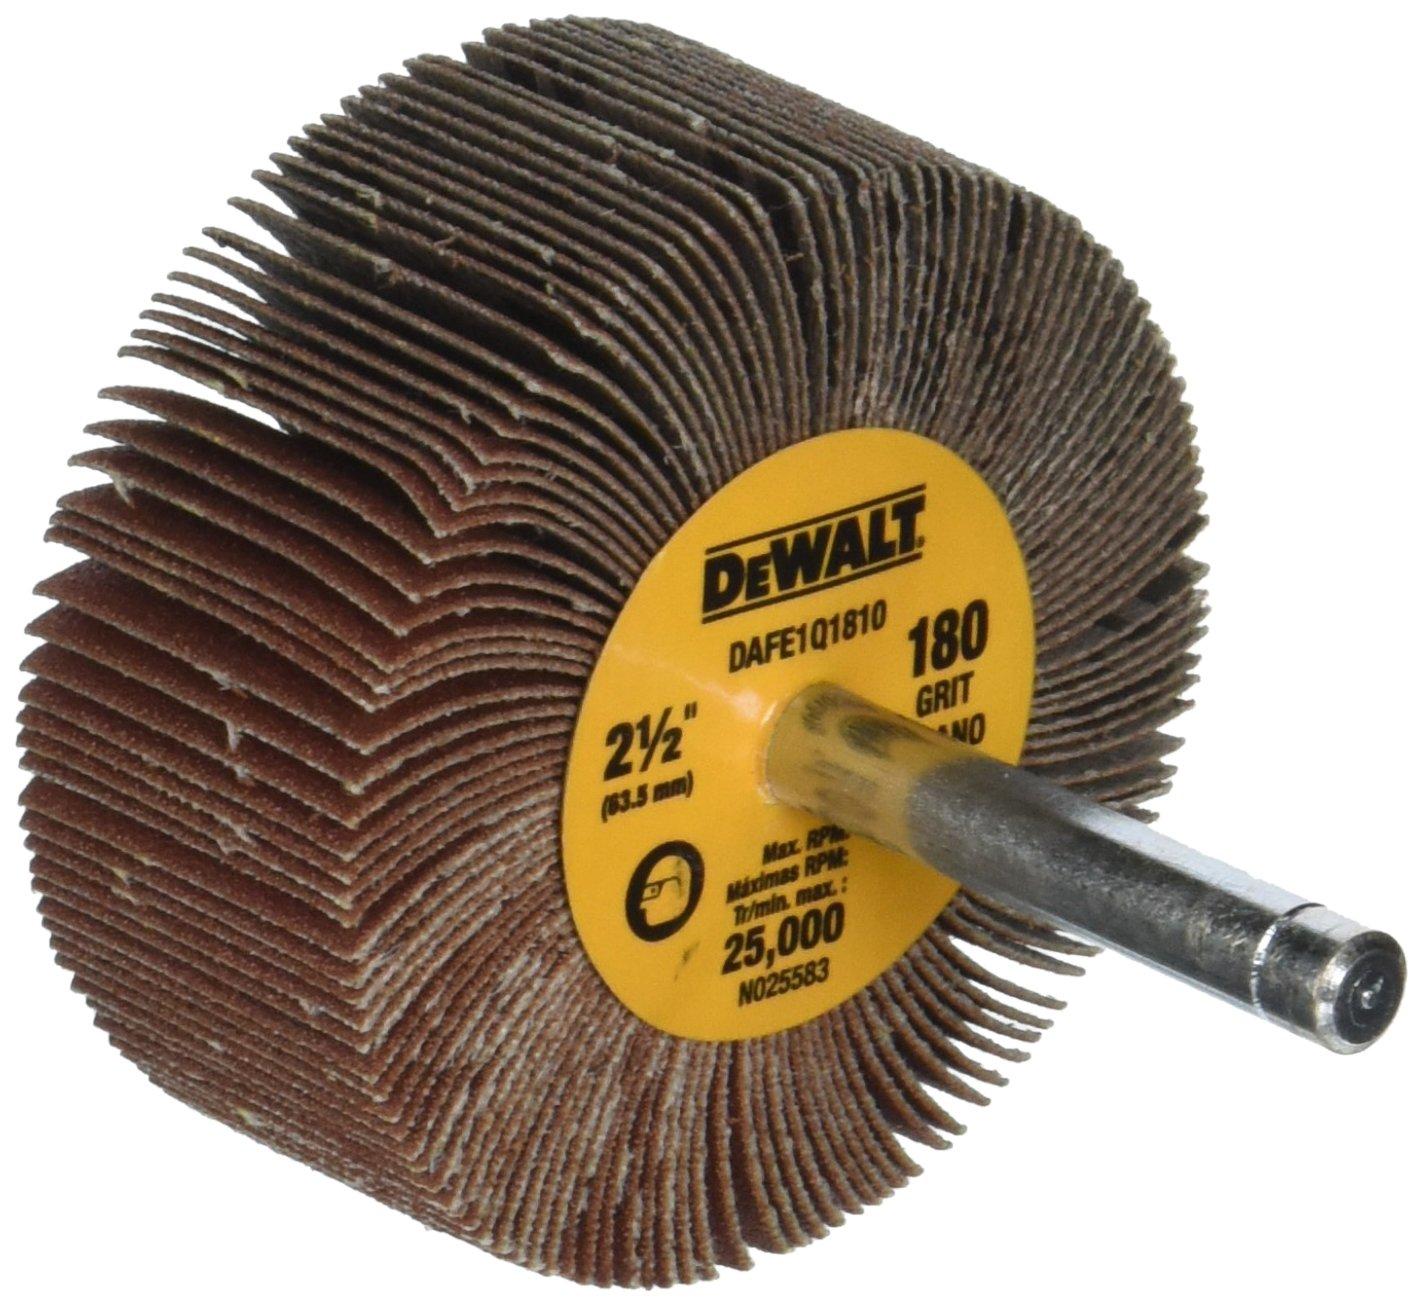 DEWALT DAFE1Q1810 2-1/2-Inch by 1-Inch by 1/4-Inch HP 180g Flap Wheel